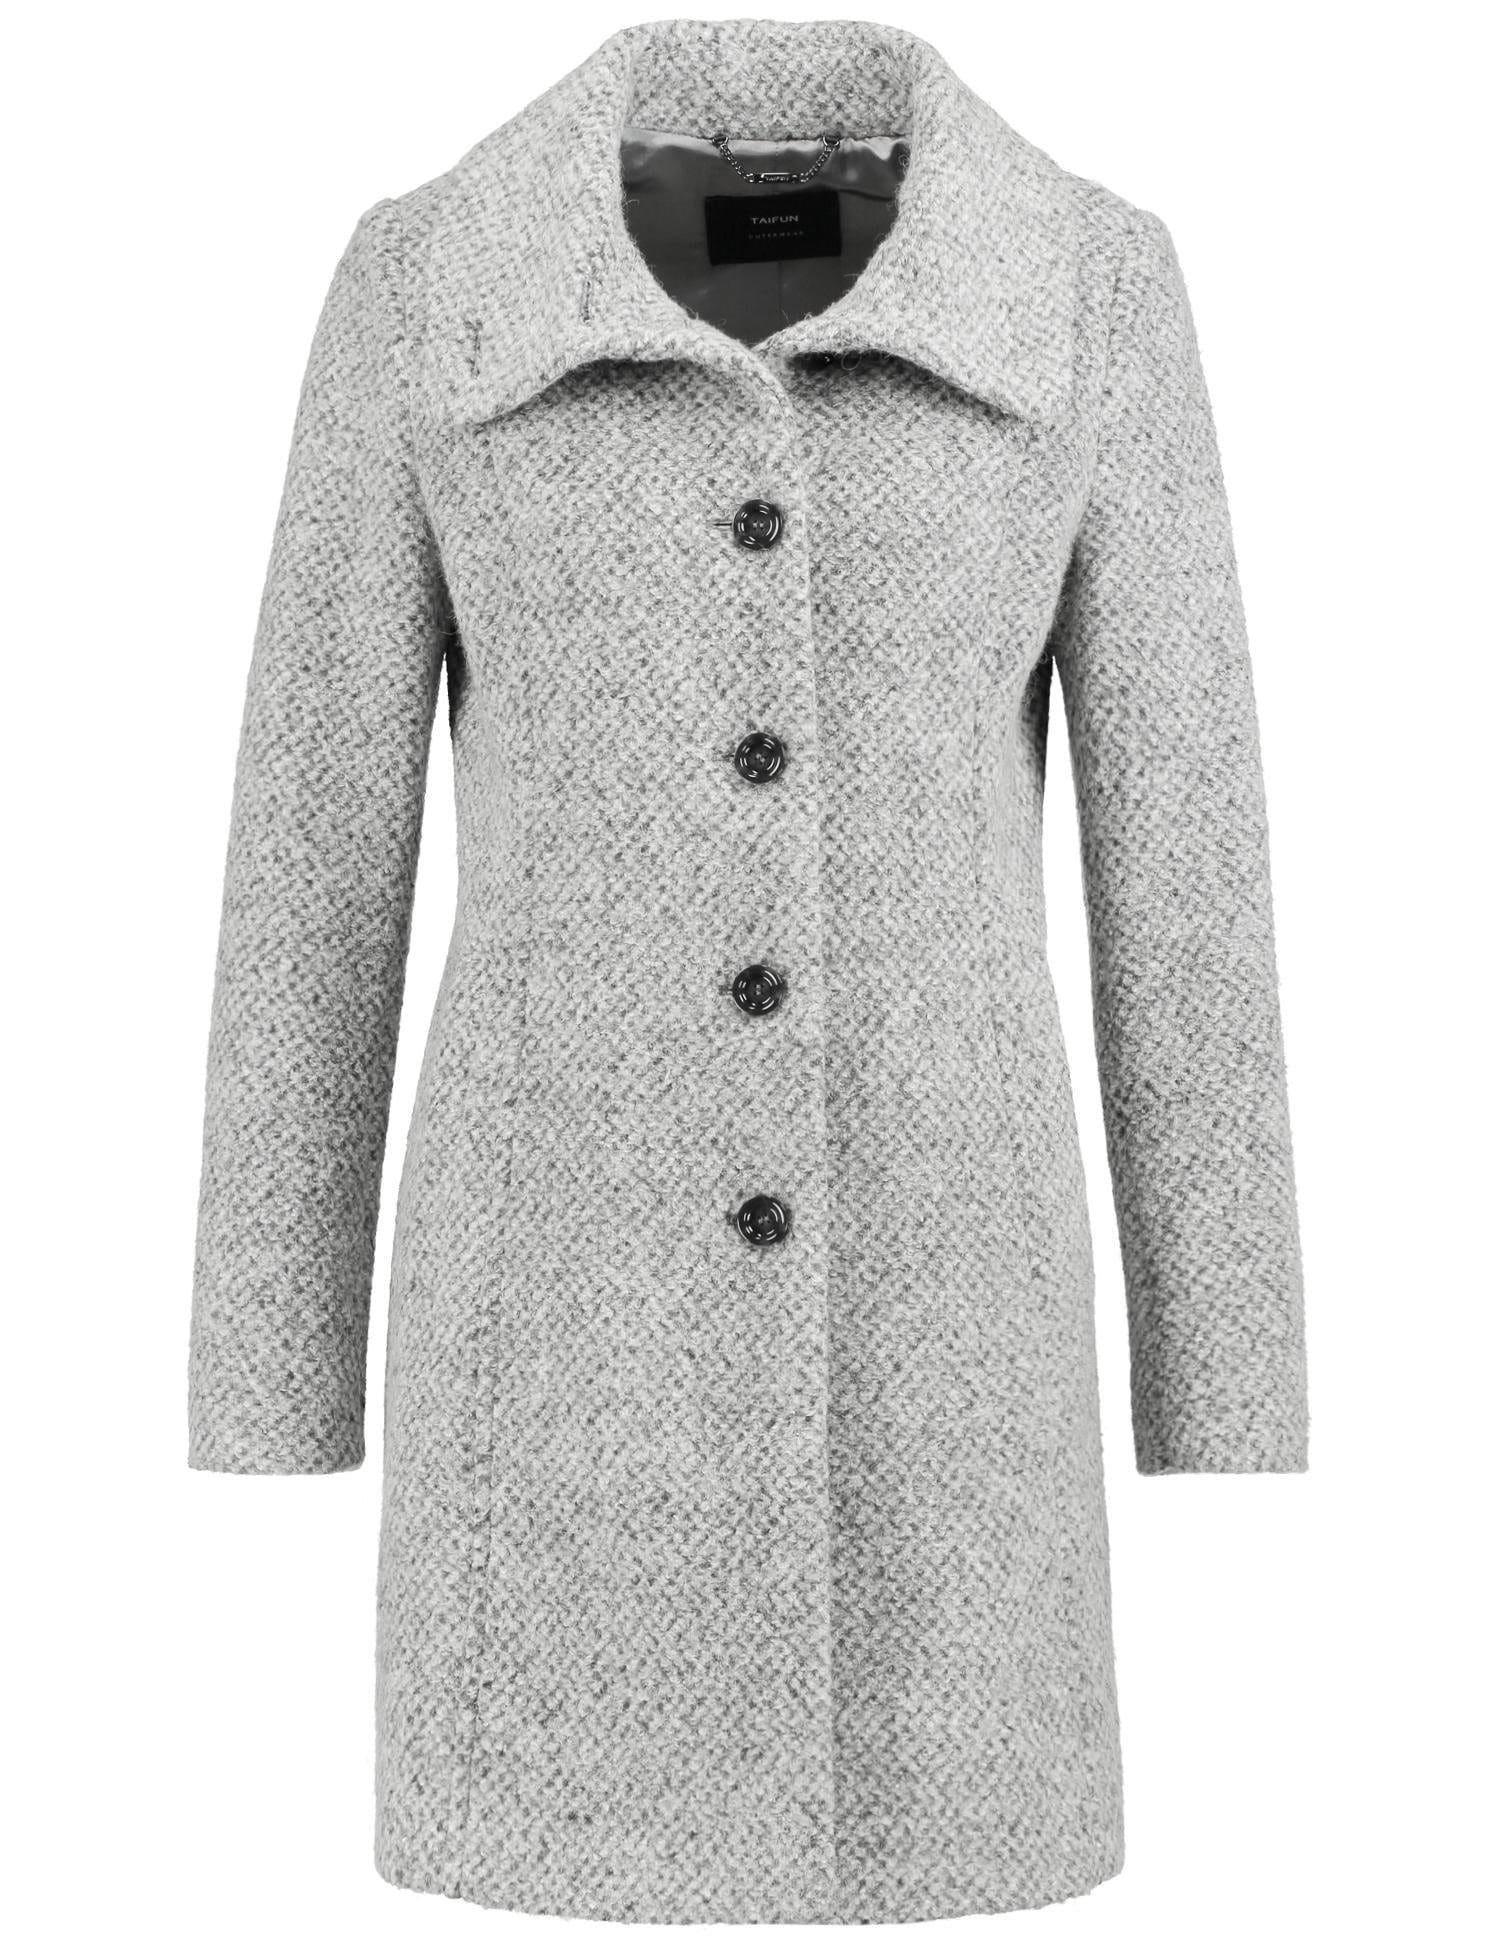 Taifun Outdoorjacke Wolle Taillierter Kurzmantel aus Tweed | Sportbekleidung > Sportmäntel > Outdoormäntel | Grau | Wolle - Tweed - Polyester | Taifun